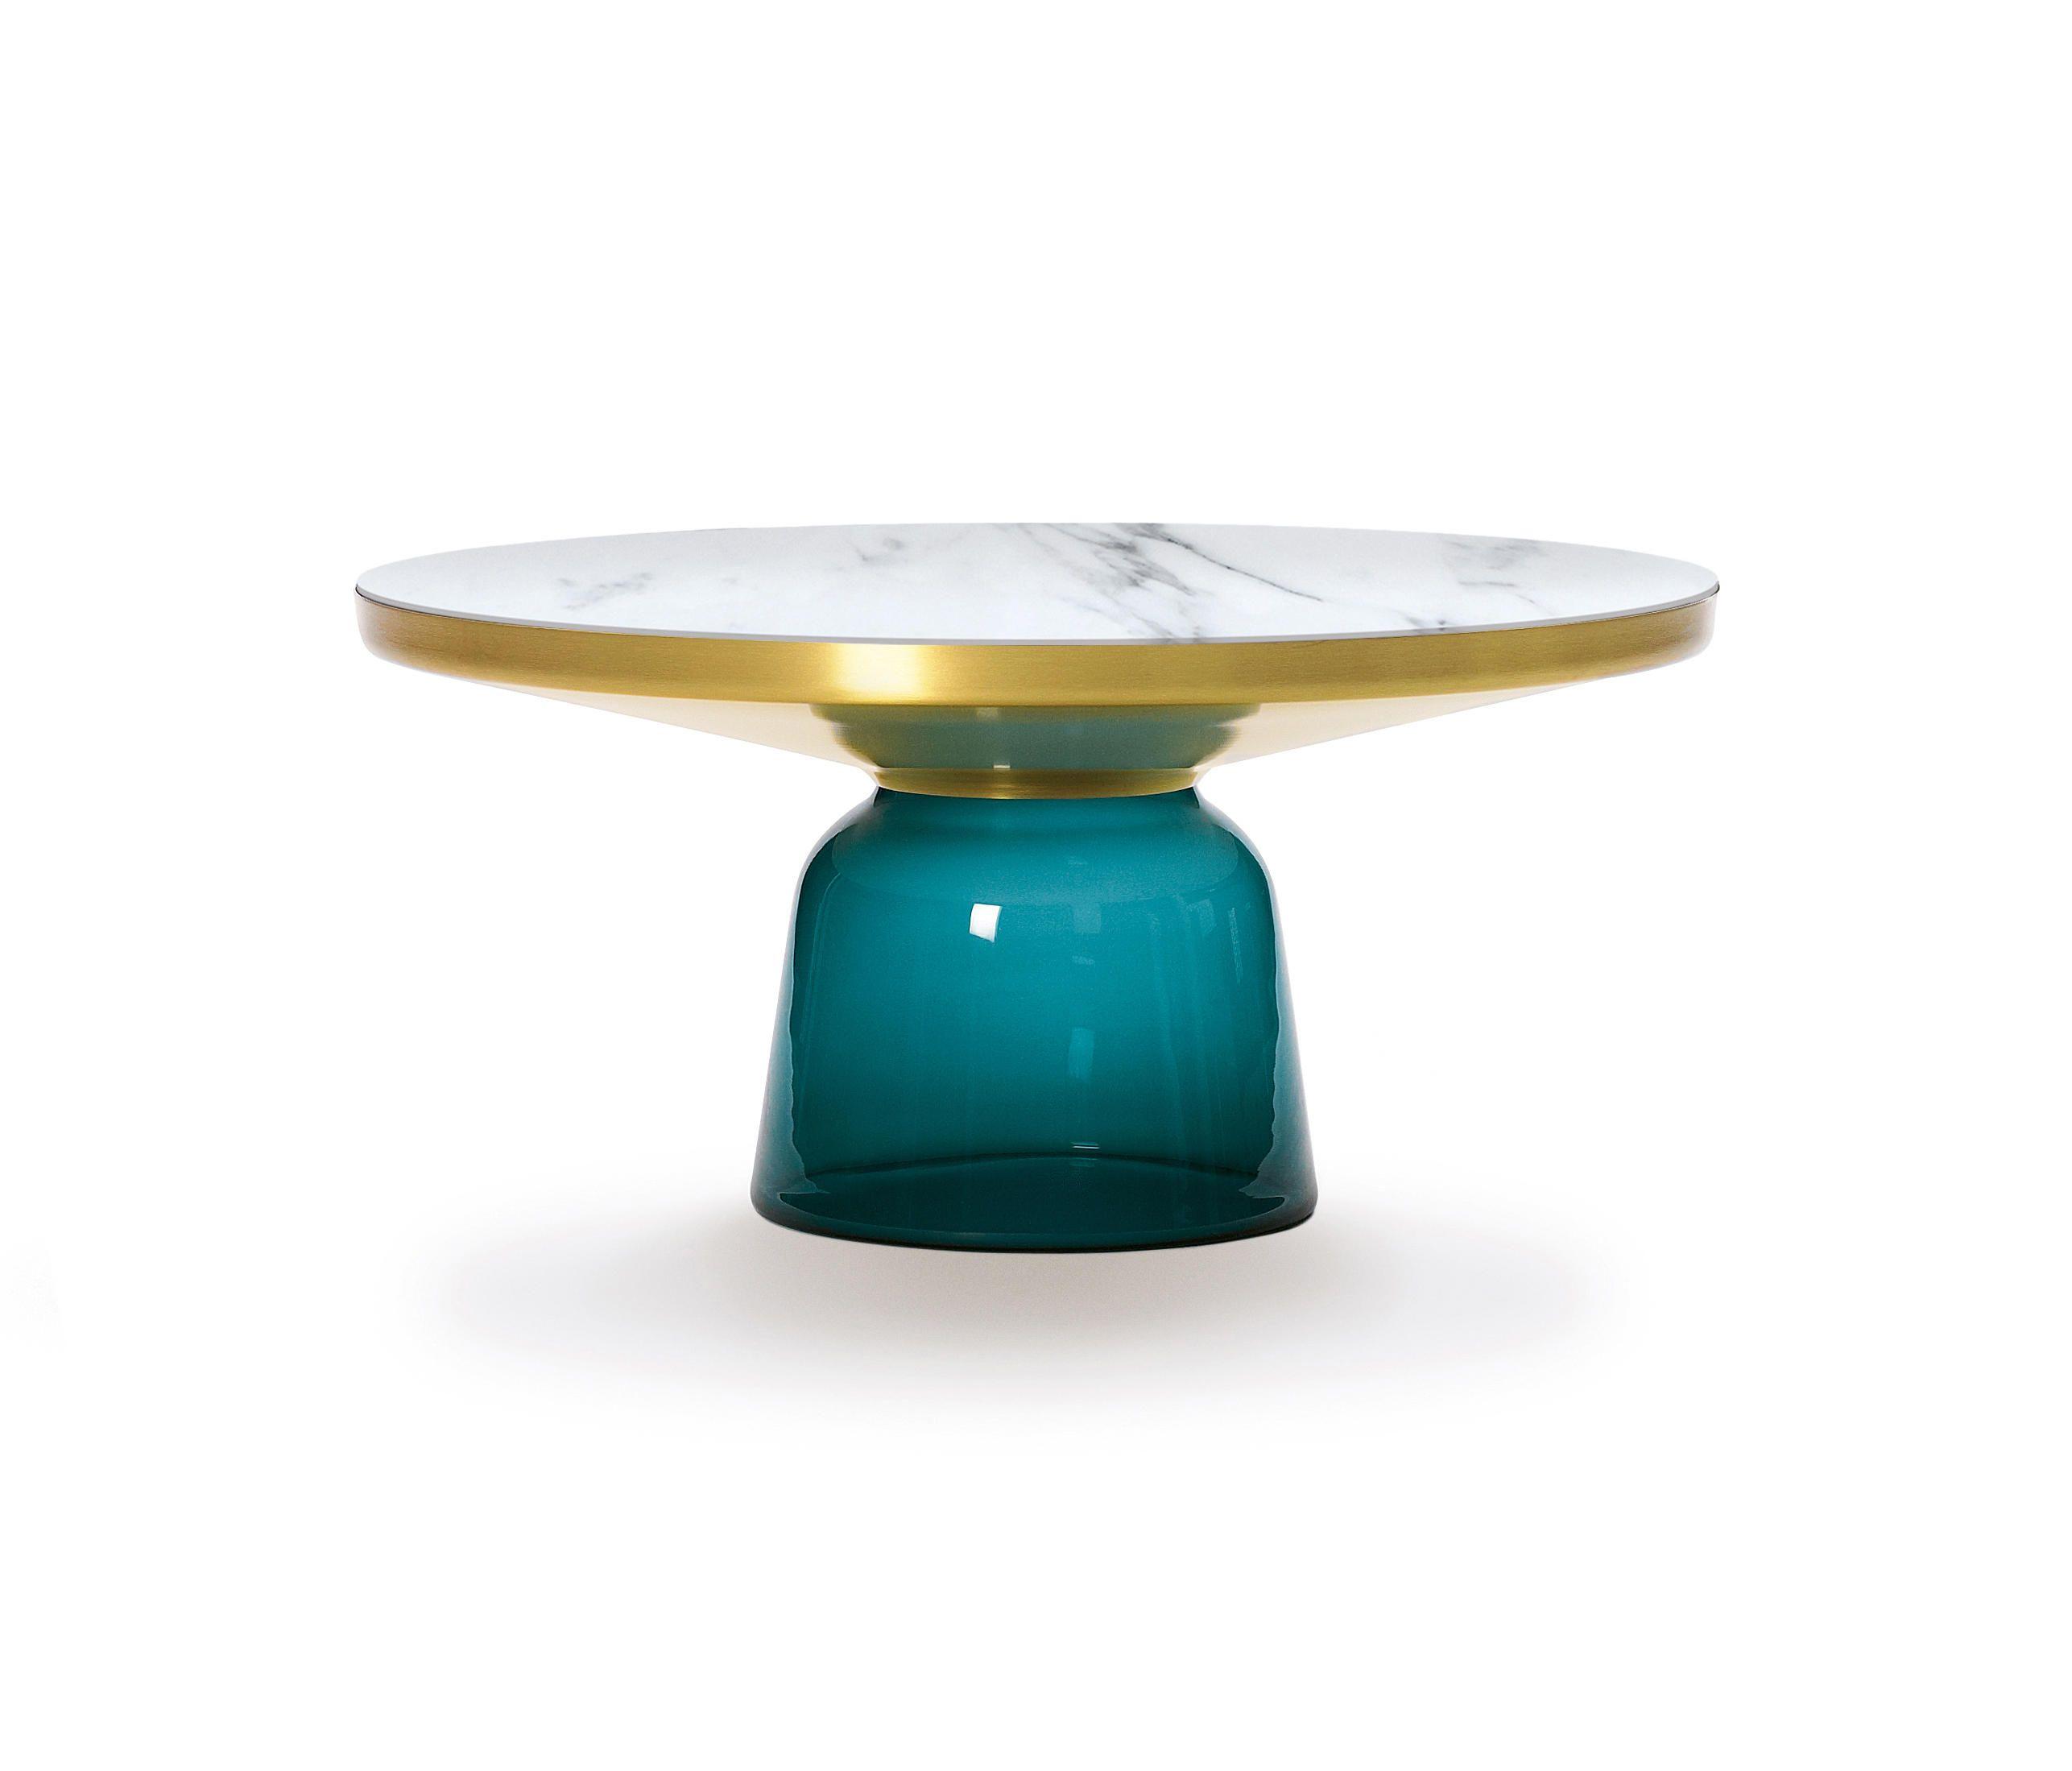 Bell Coffee Table Brass Marble Blue Couchtische Von Classicon Architonic Couchtisch Marmor Wohnzimmertische Couchtische